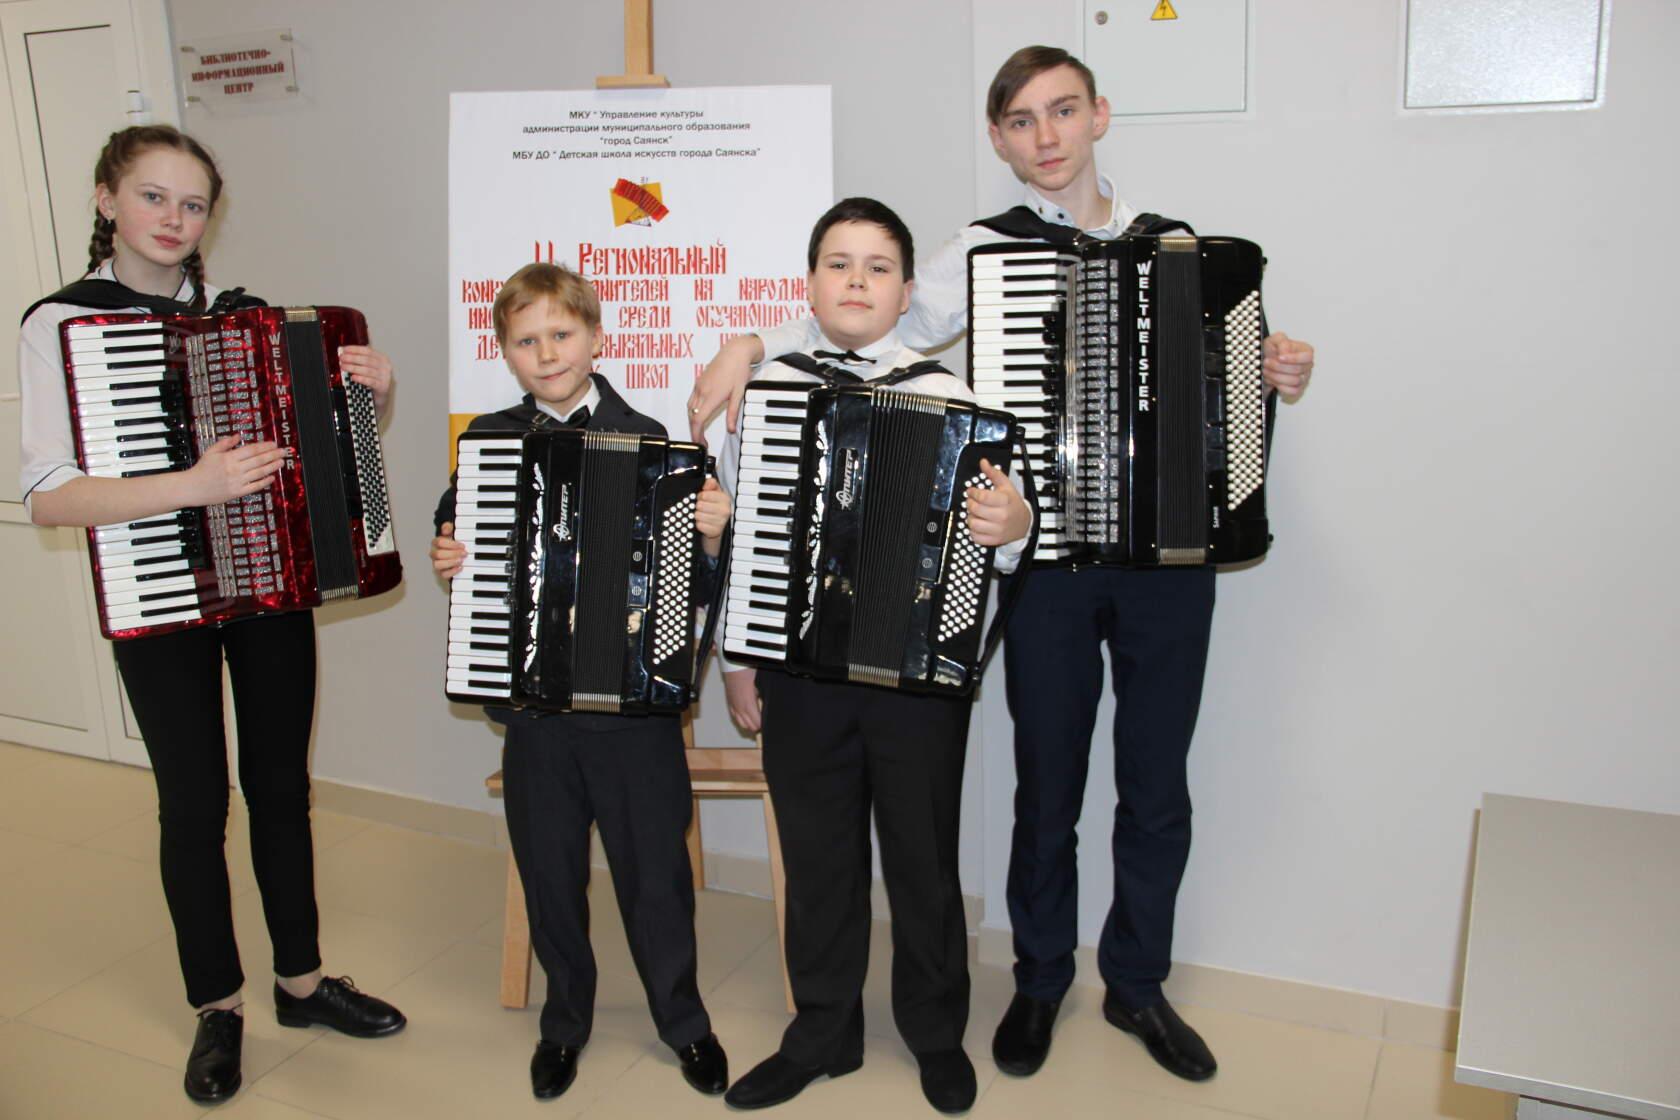 II Региональный конкурс исполнителей на народных инструментах среди обучающихся ДМШ и ДШИ